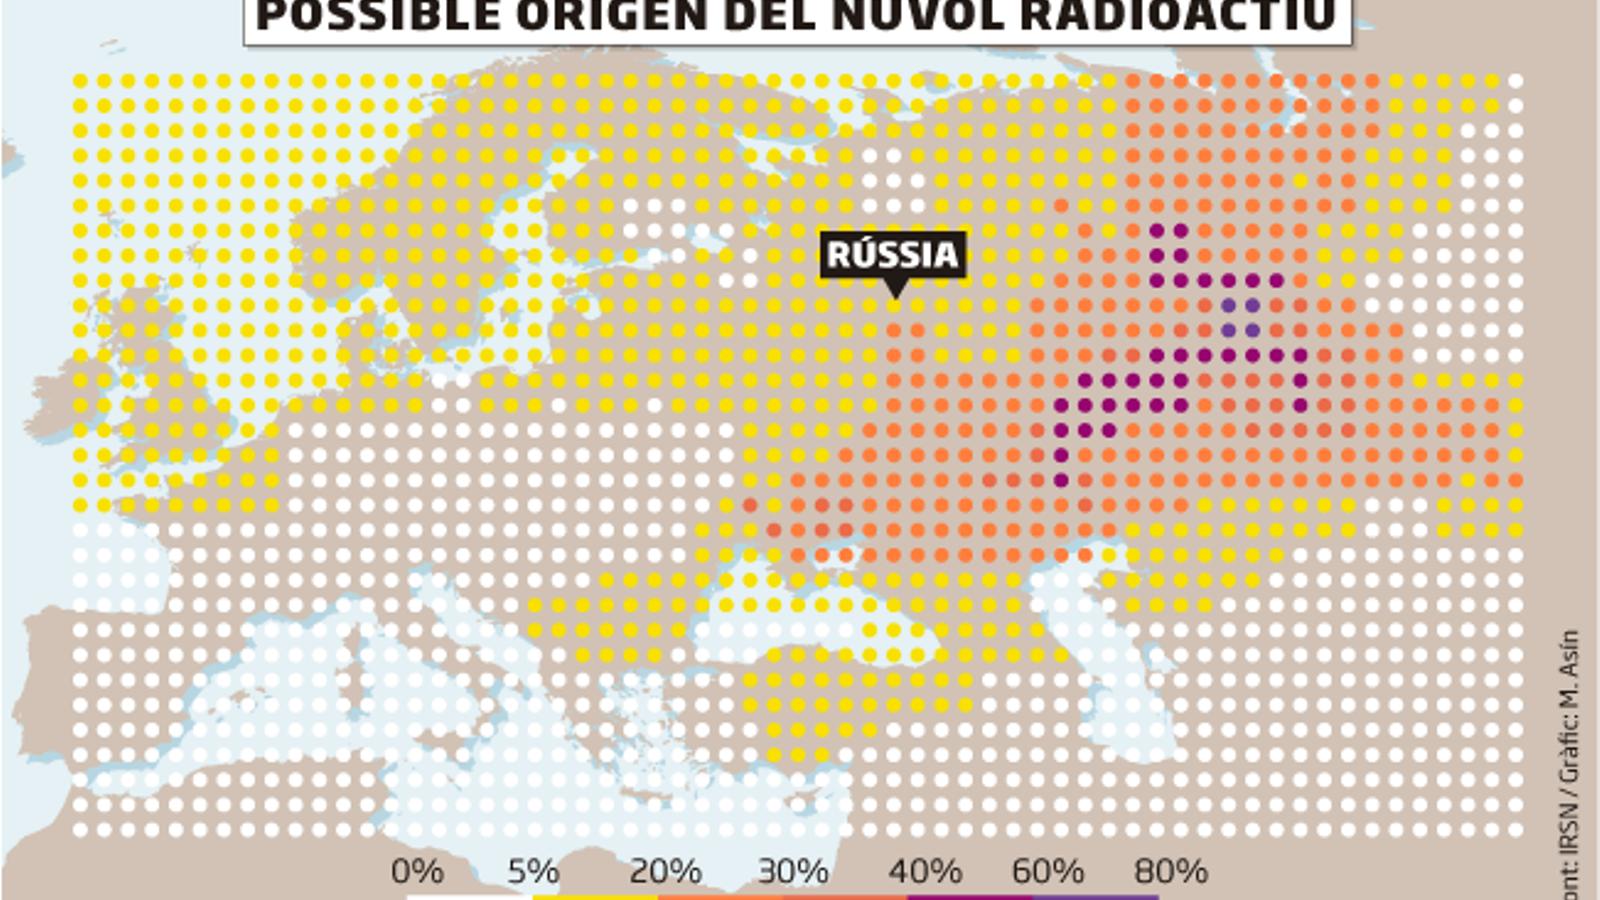 Rússia admet valors de radioactivitat mil cops superiors als normals